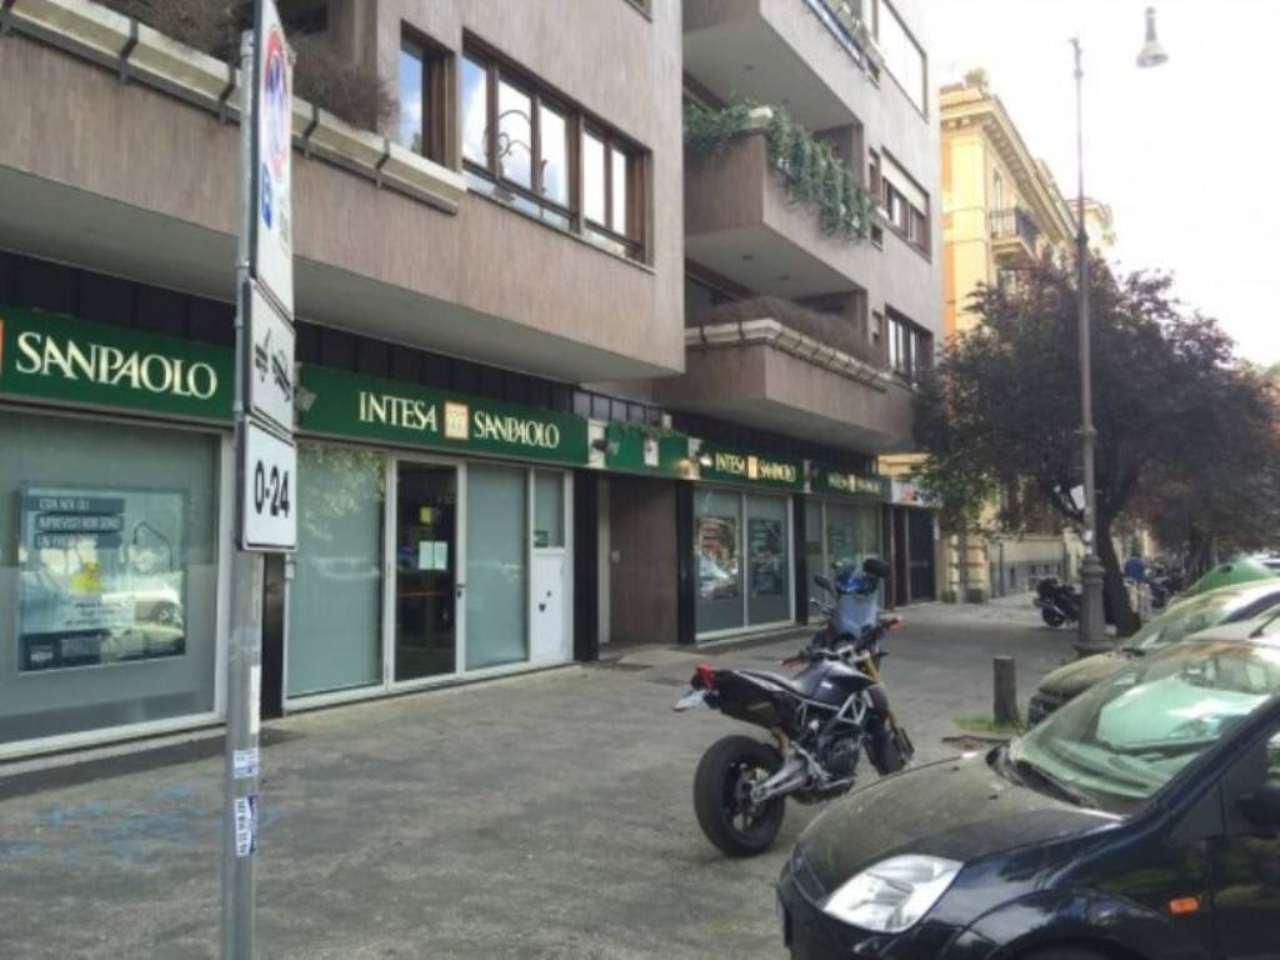 Ufficio / Studio in vendita a Roma, 5 locali, zona Zona: 30 . Prati, Borgo, San Pietro, prezzo € 595.000 | CambioCasa.it